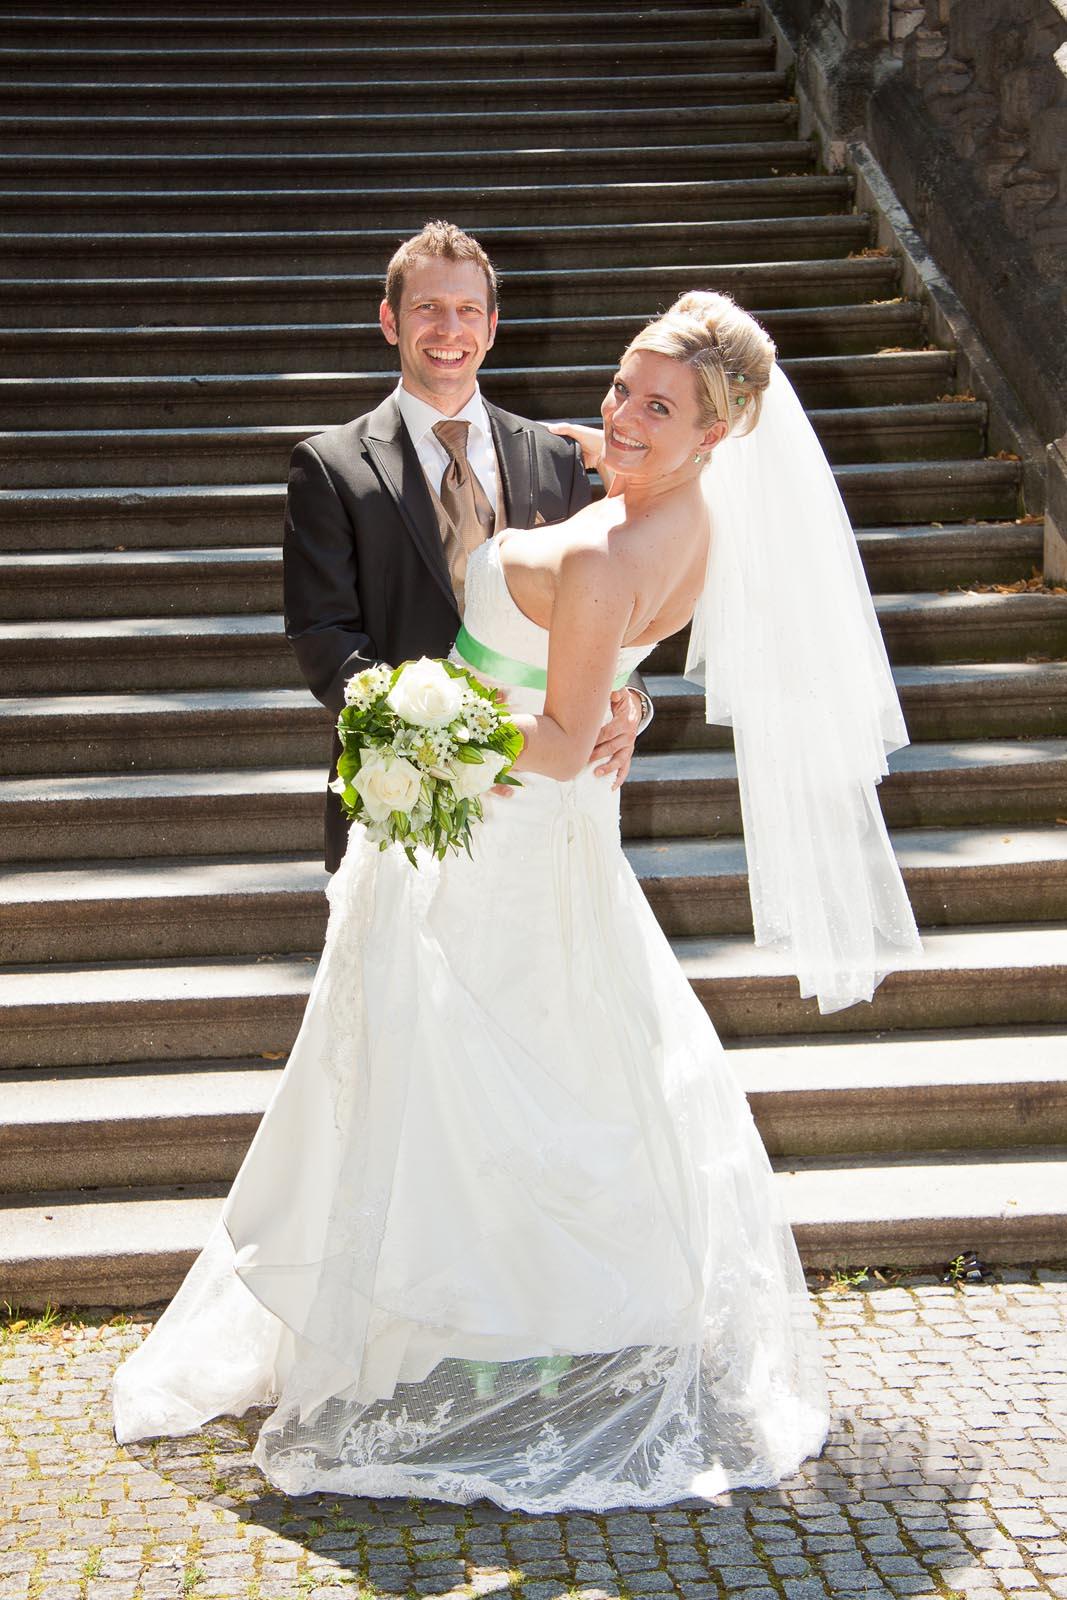 Hochzeitsportraits-Bindl-Hochzeitsportraits-Bindl-8370.jpg